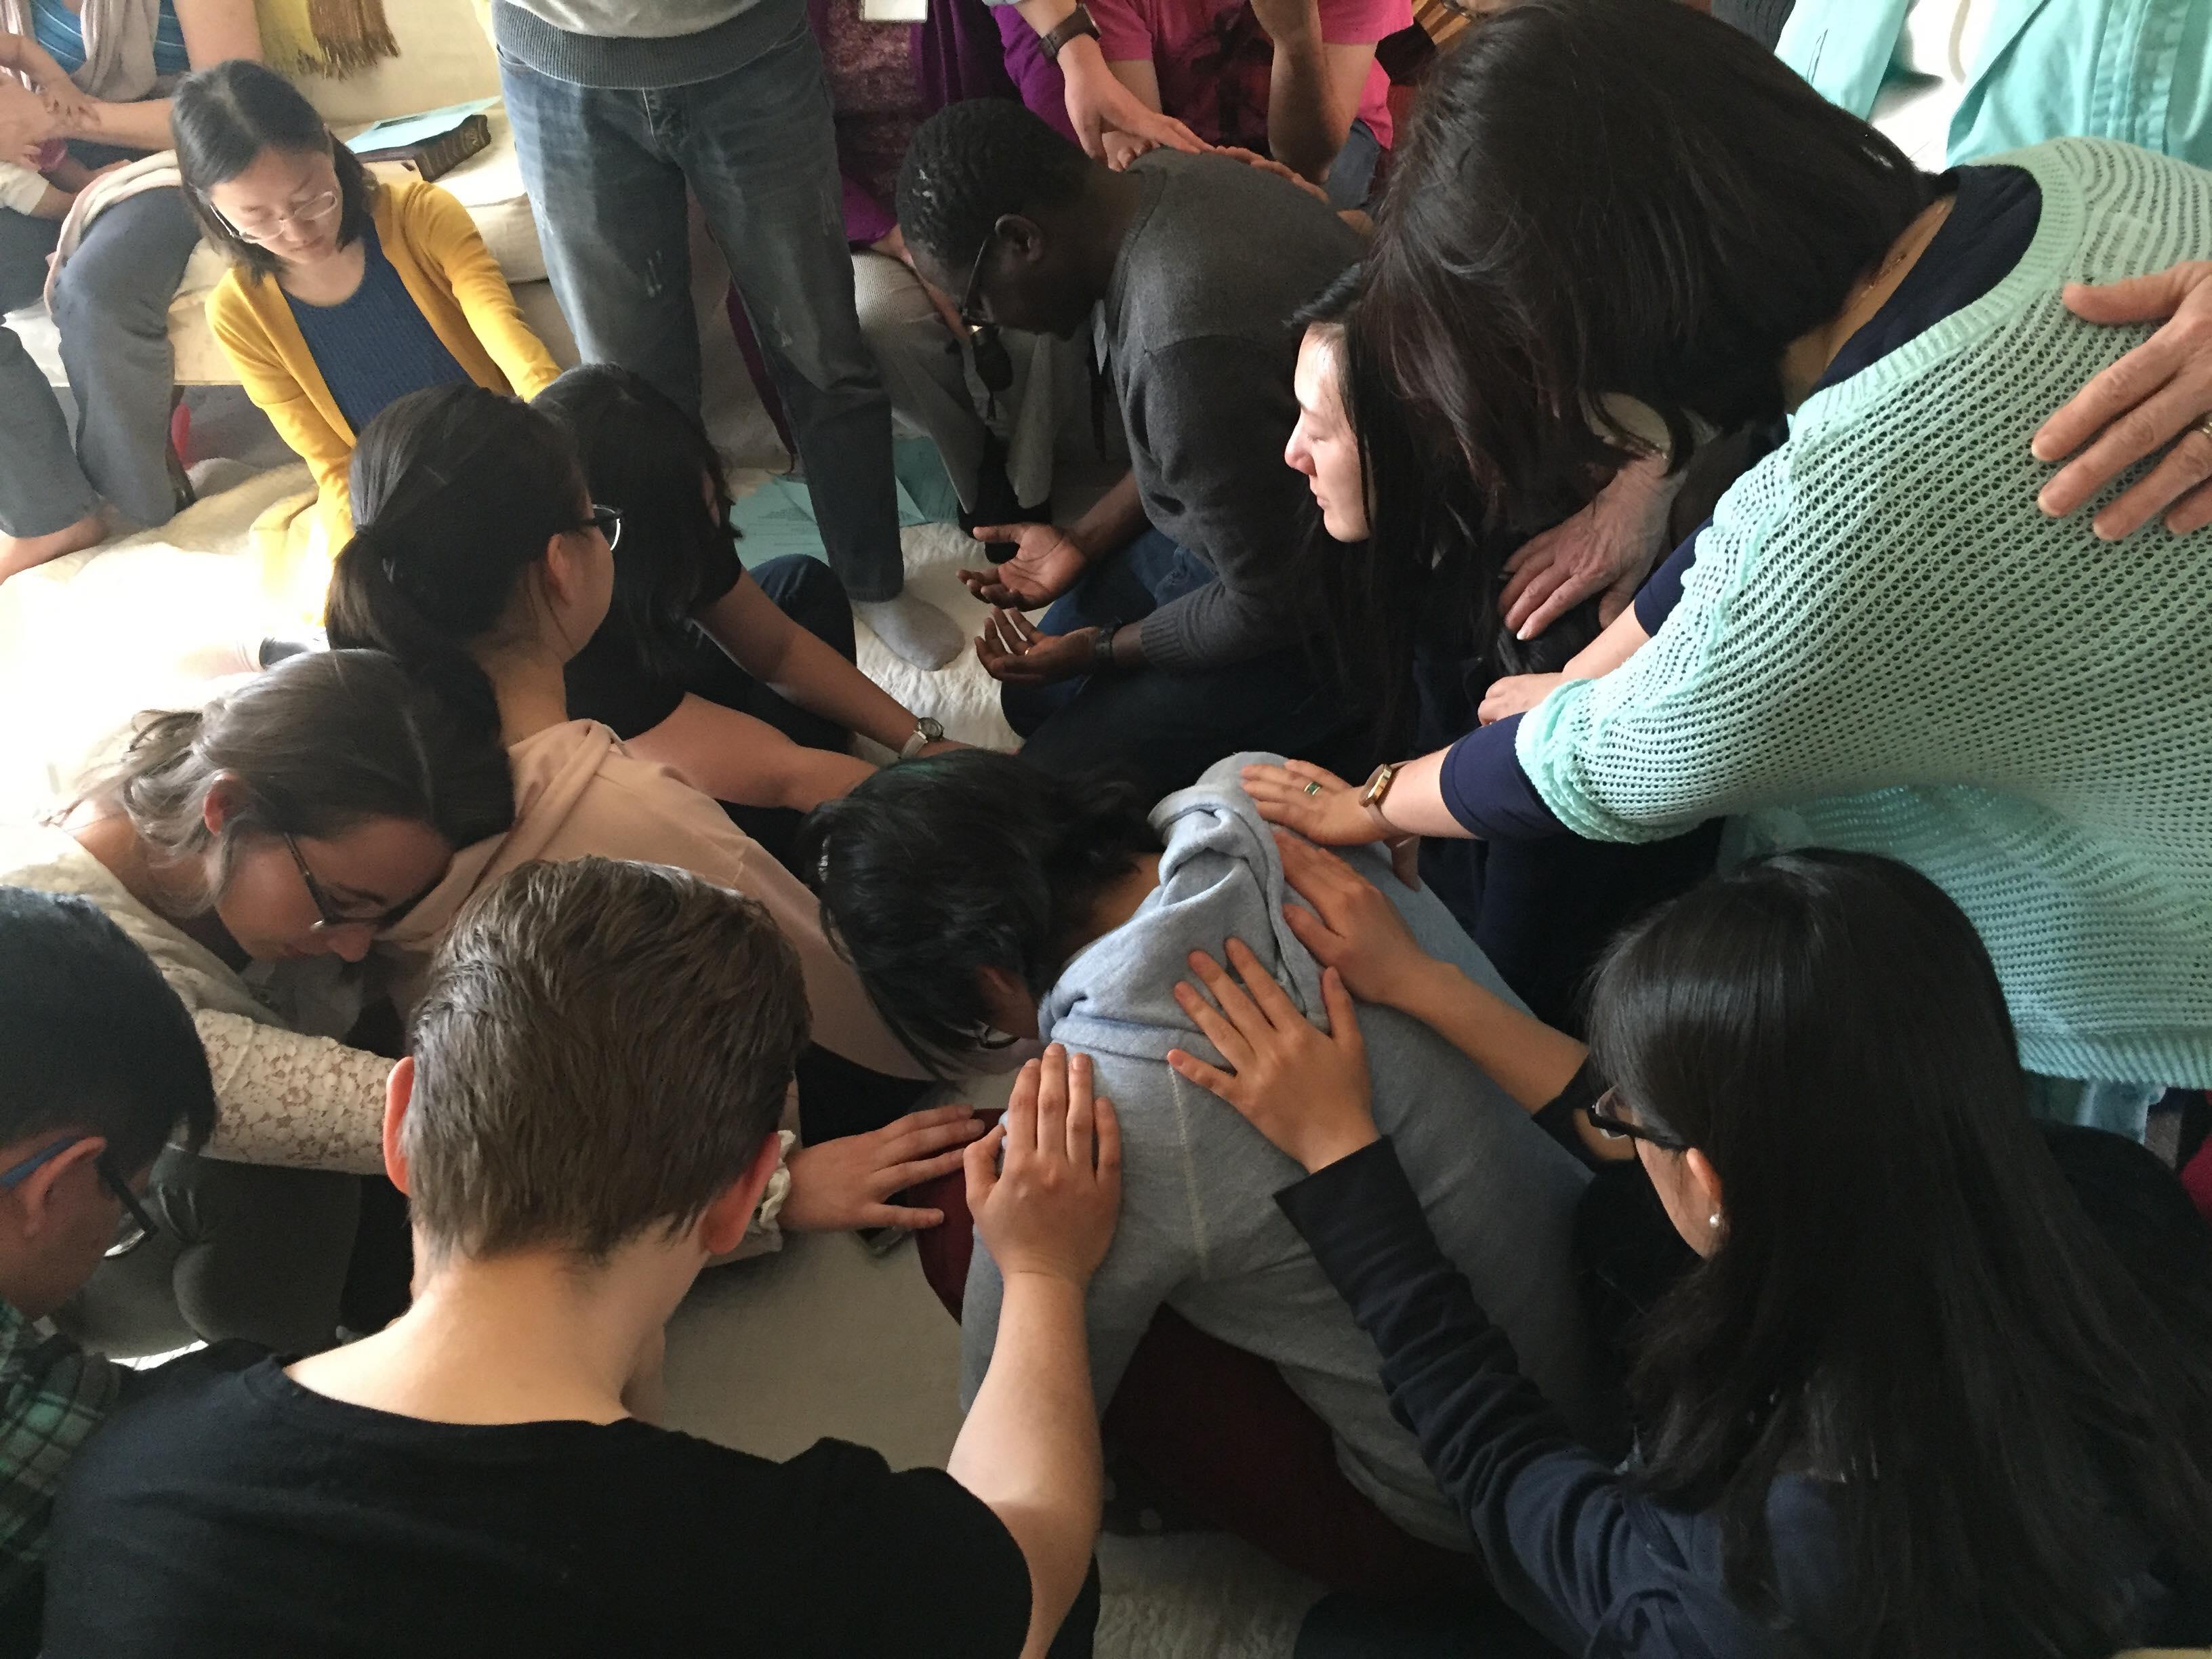 sending prayer